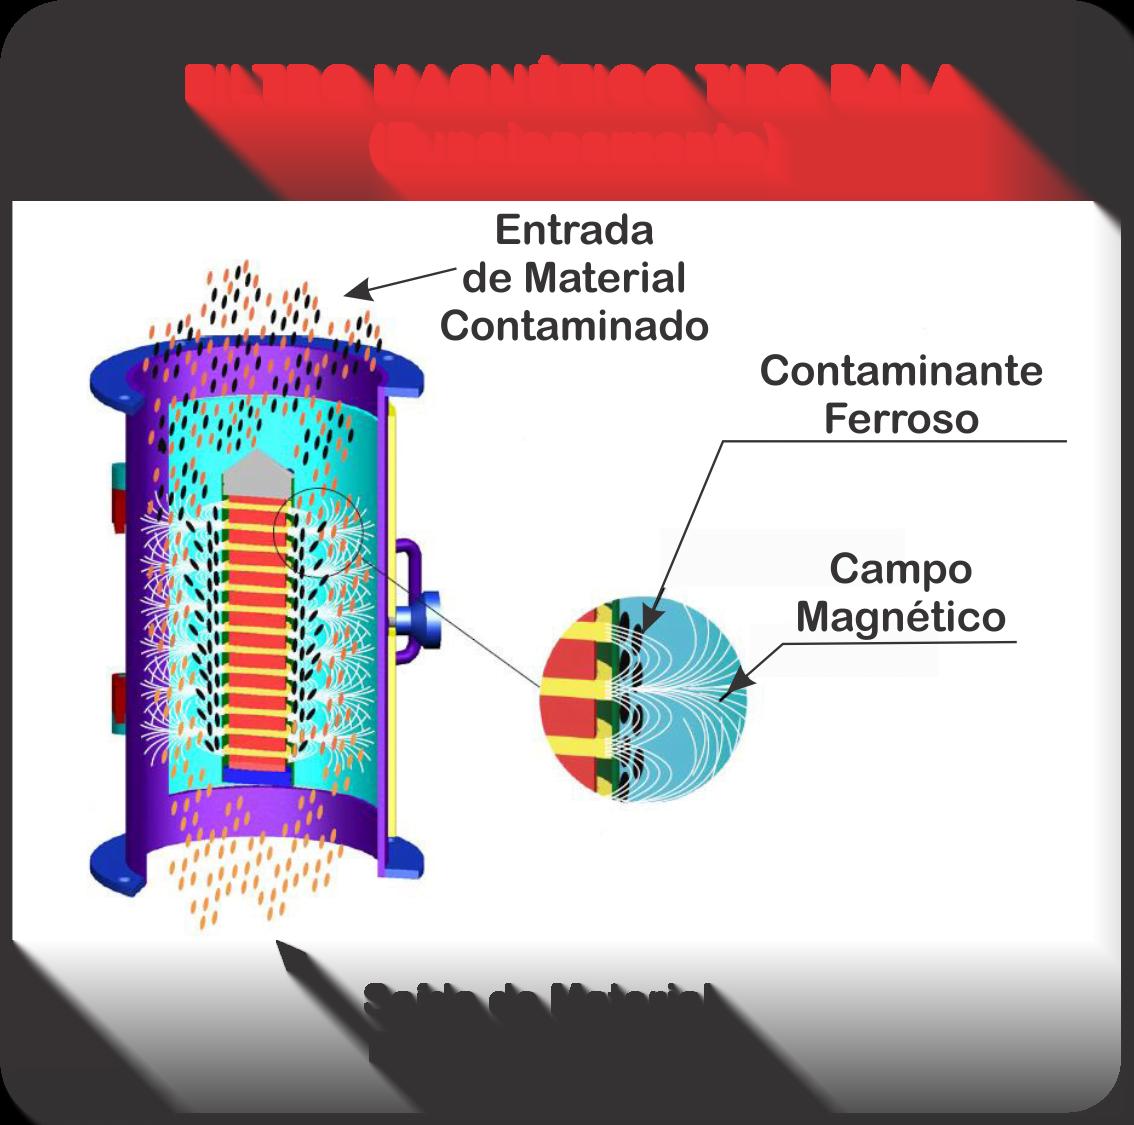 Diagrama de Funcionamento do Filtro Magnético tipo bala